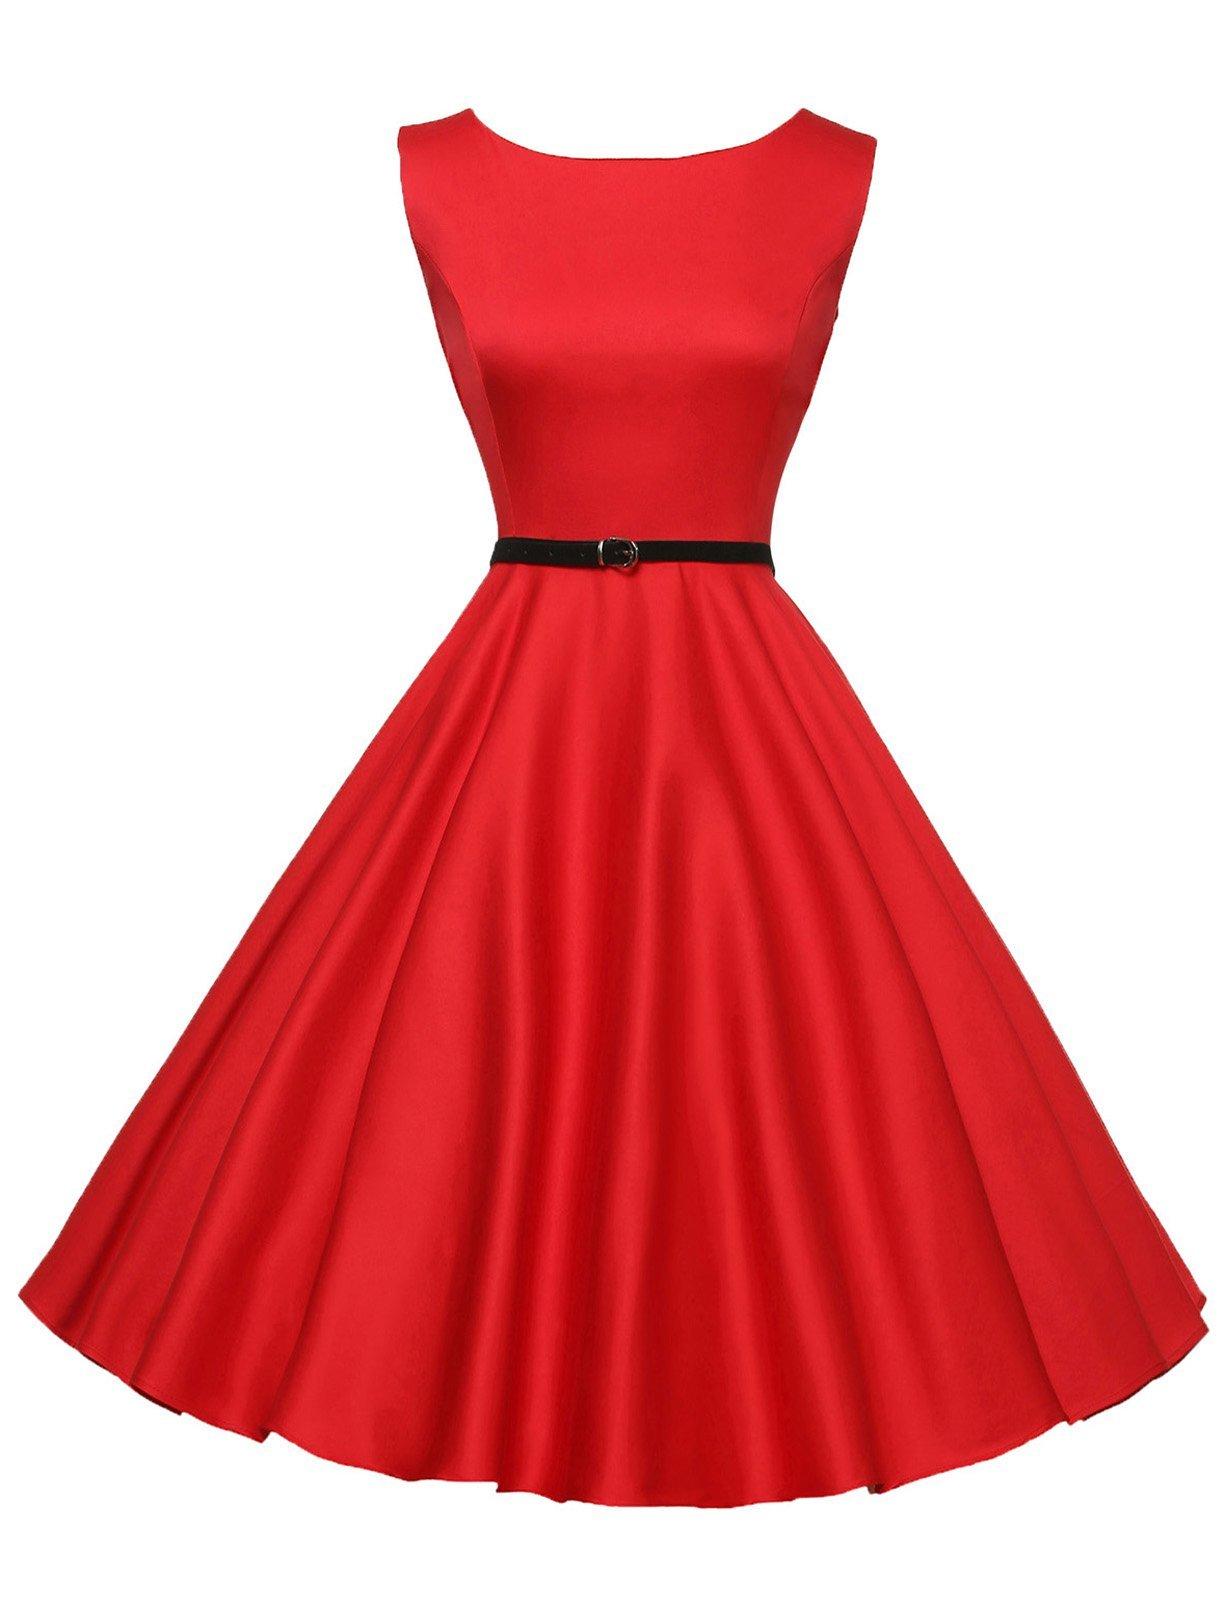 Red Dress - Women's 50s 60s Vintage Sleeveless V-Neck Cocktail Swing Dress